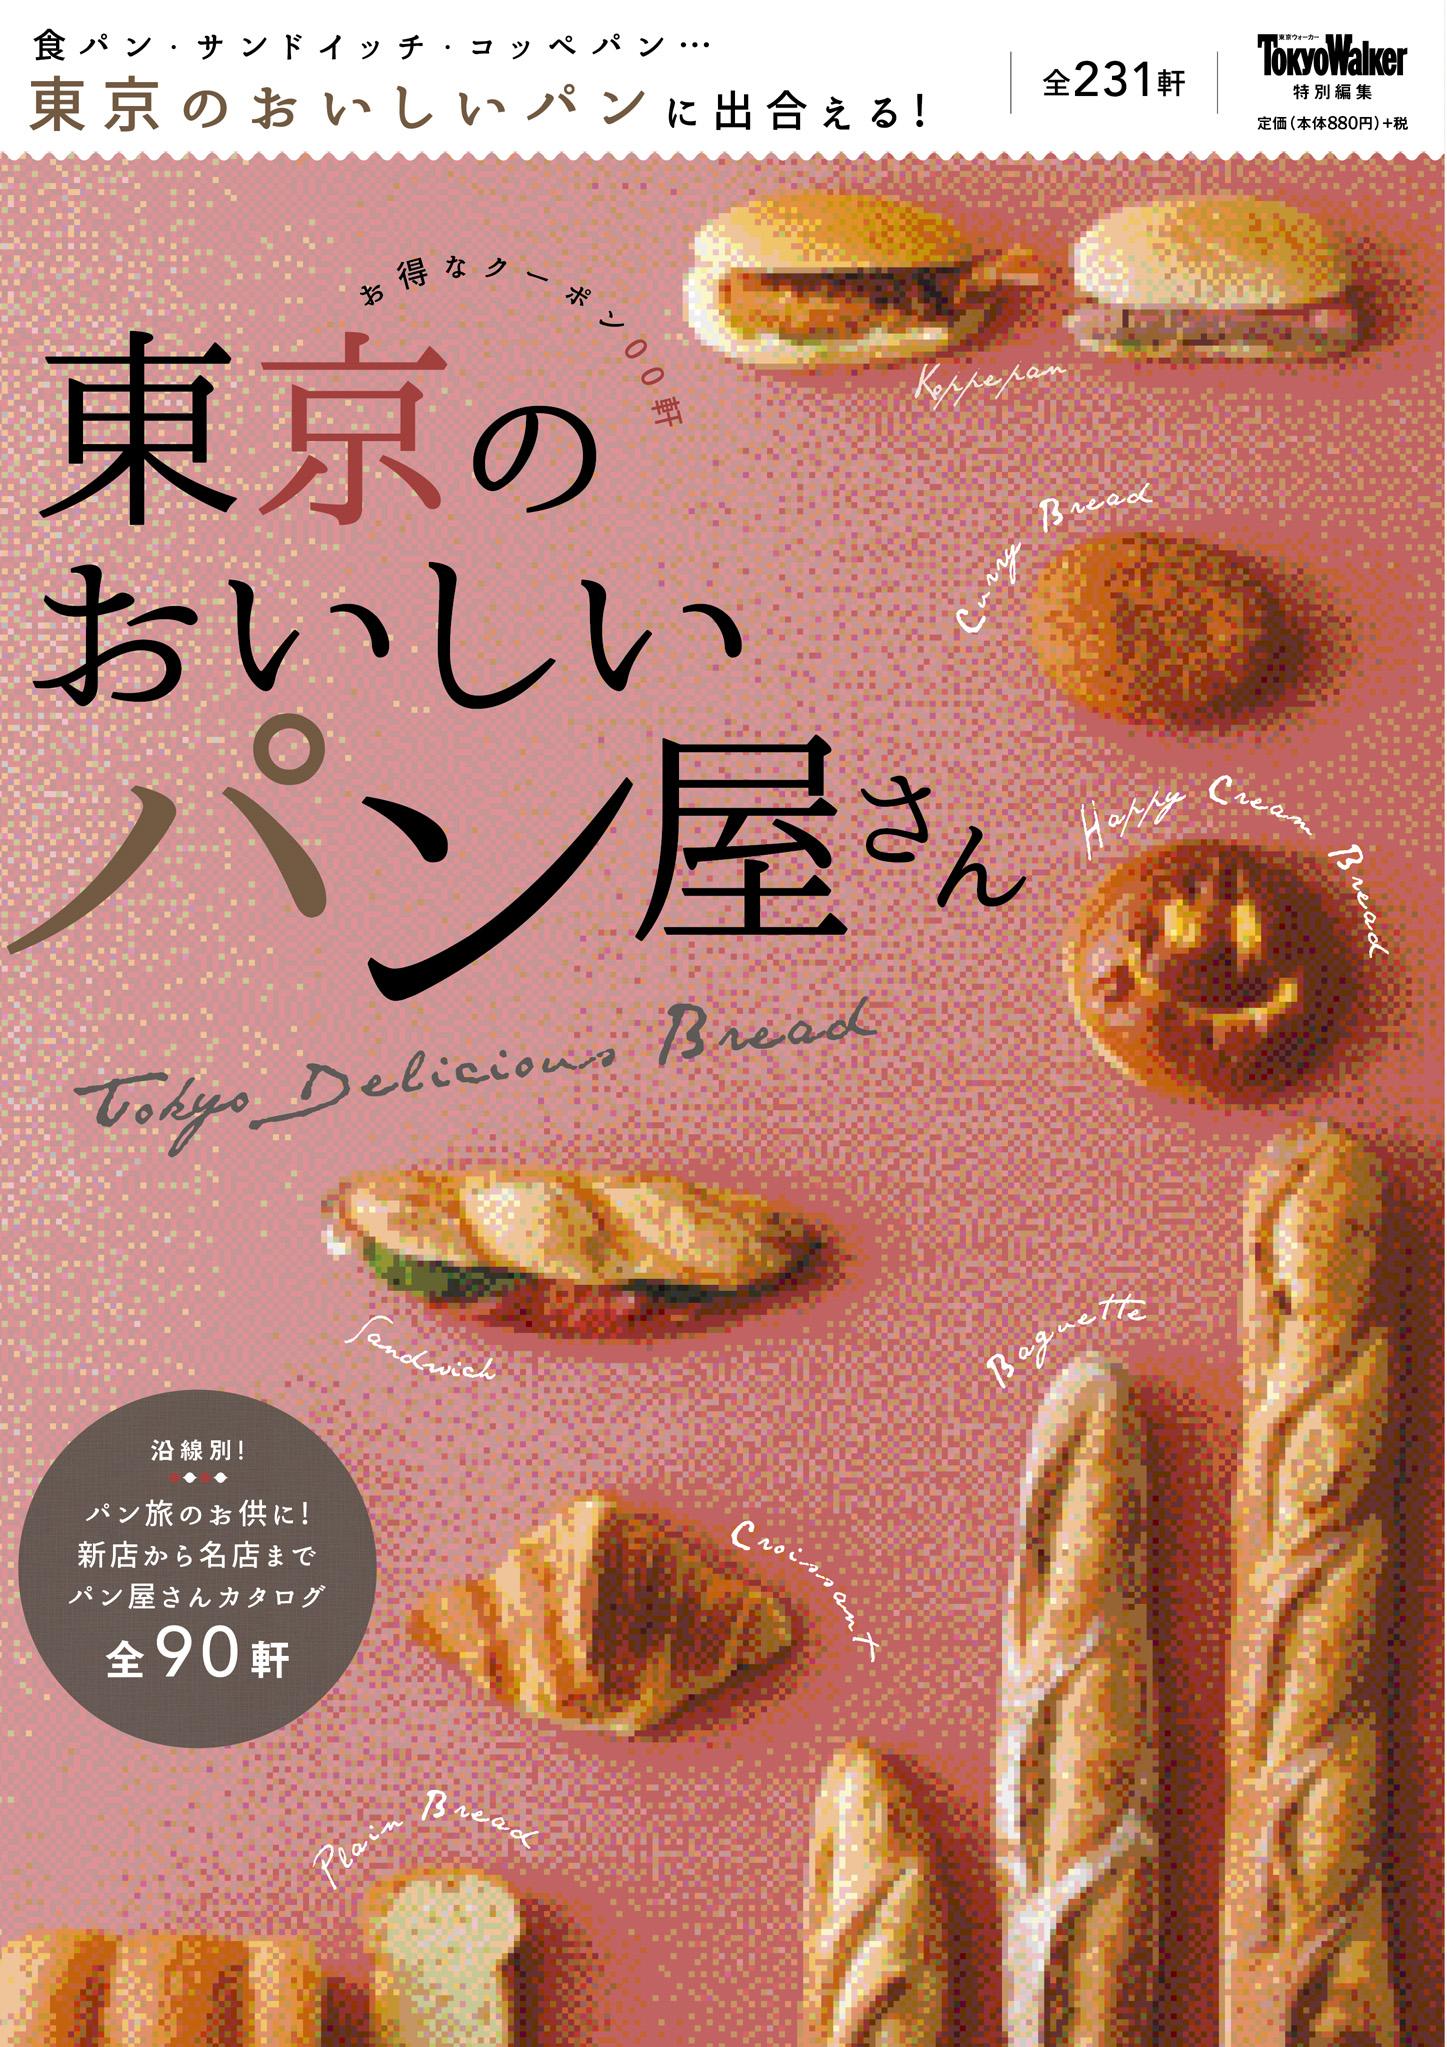 東京のおいしいパン屋さん